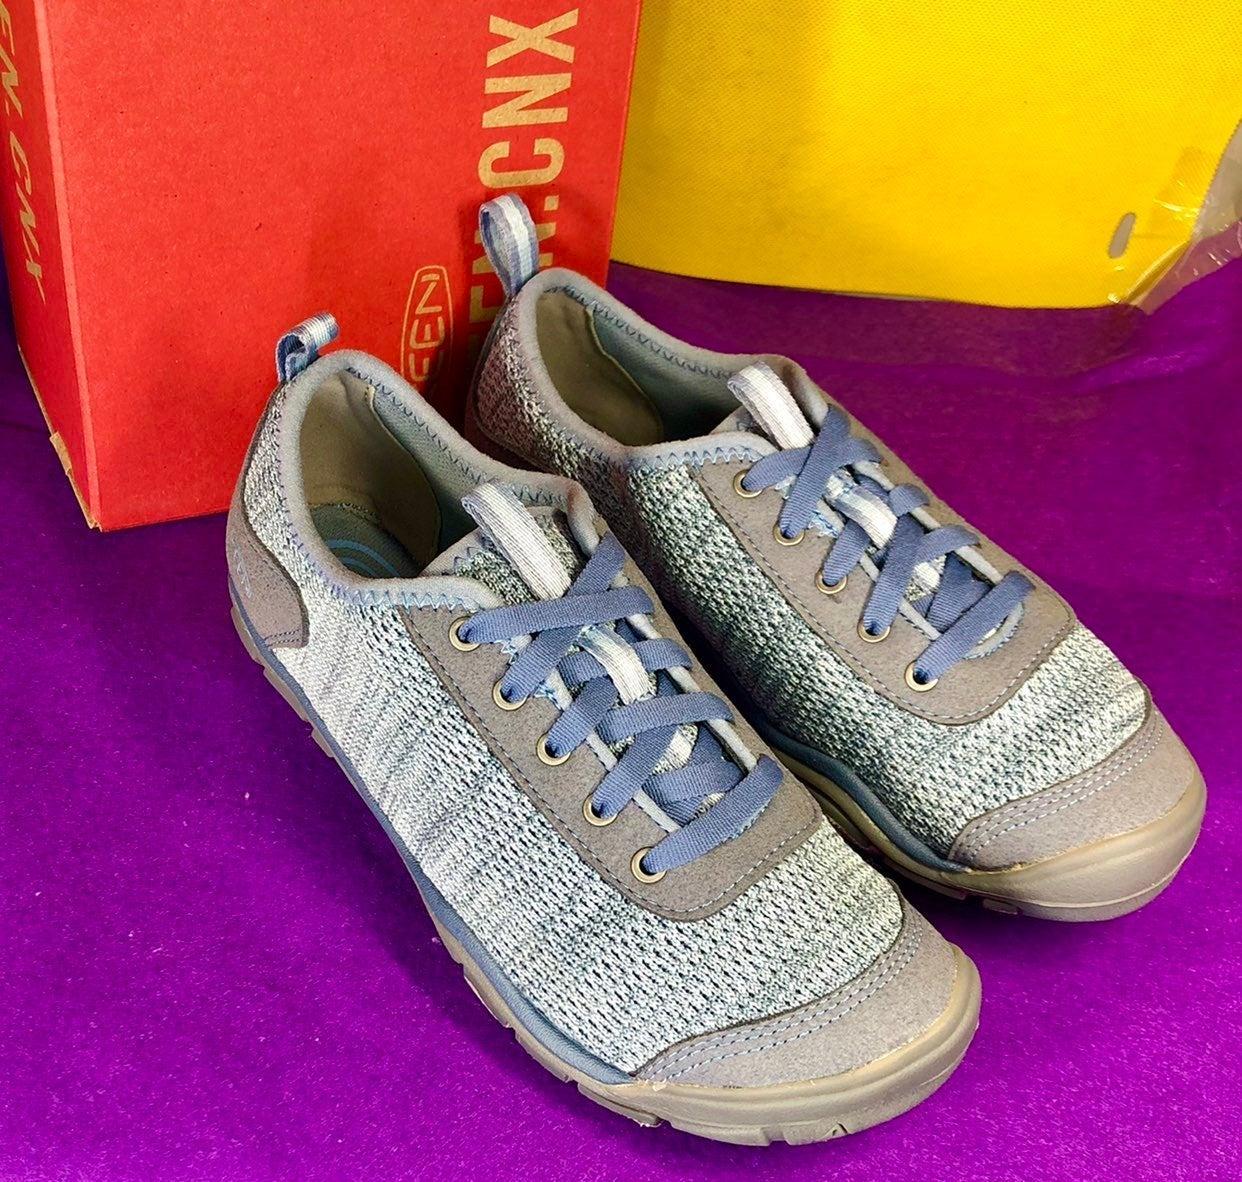 Women's Keen Hush Knit CNX Shoes Sz. 5.5